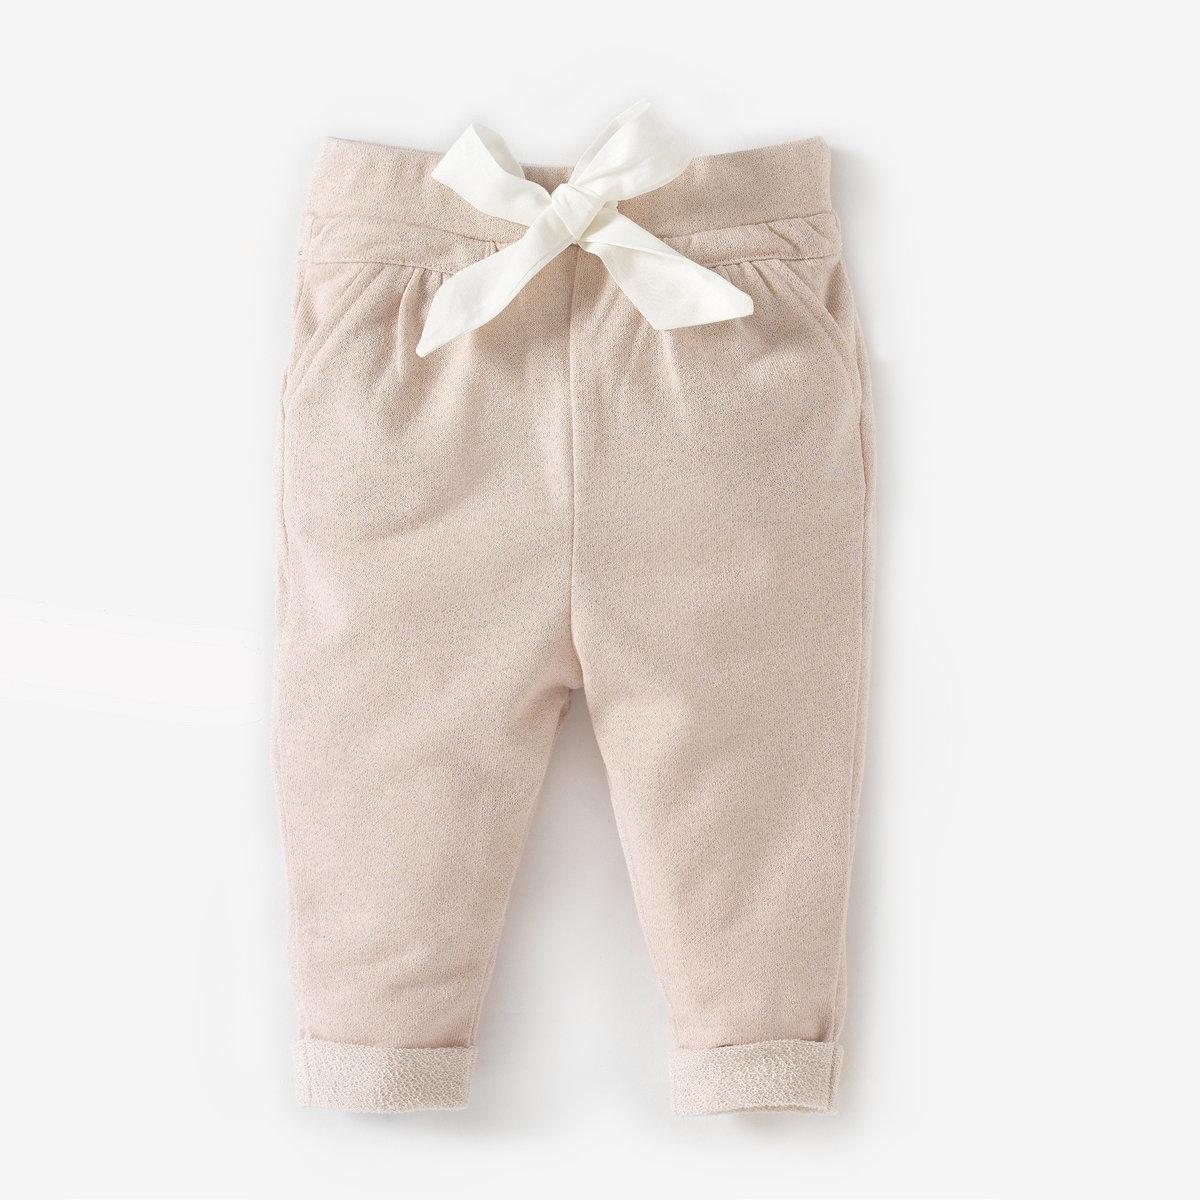 Брюки с пайетками, 1 месяц-3 годаСпортивные брюки без застежки 72% хлопка, 18% полиэстера, 10% металлизированных нитей. Идеальны для вашего маленького непоседы. Эластичный пояс с завязками. 2 кармана спереди. .   Низ брючин с отворотами.<br><br>Цвет: светло-розовый<br>Размер: 3 мес. - 60 см.6 мес. - 67 см.18 мес. - 81 см.2 года - 86 см.3 года - 94 см